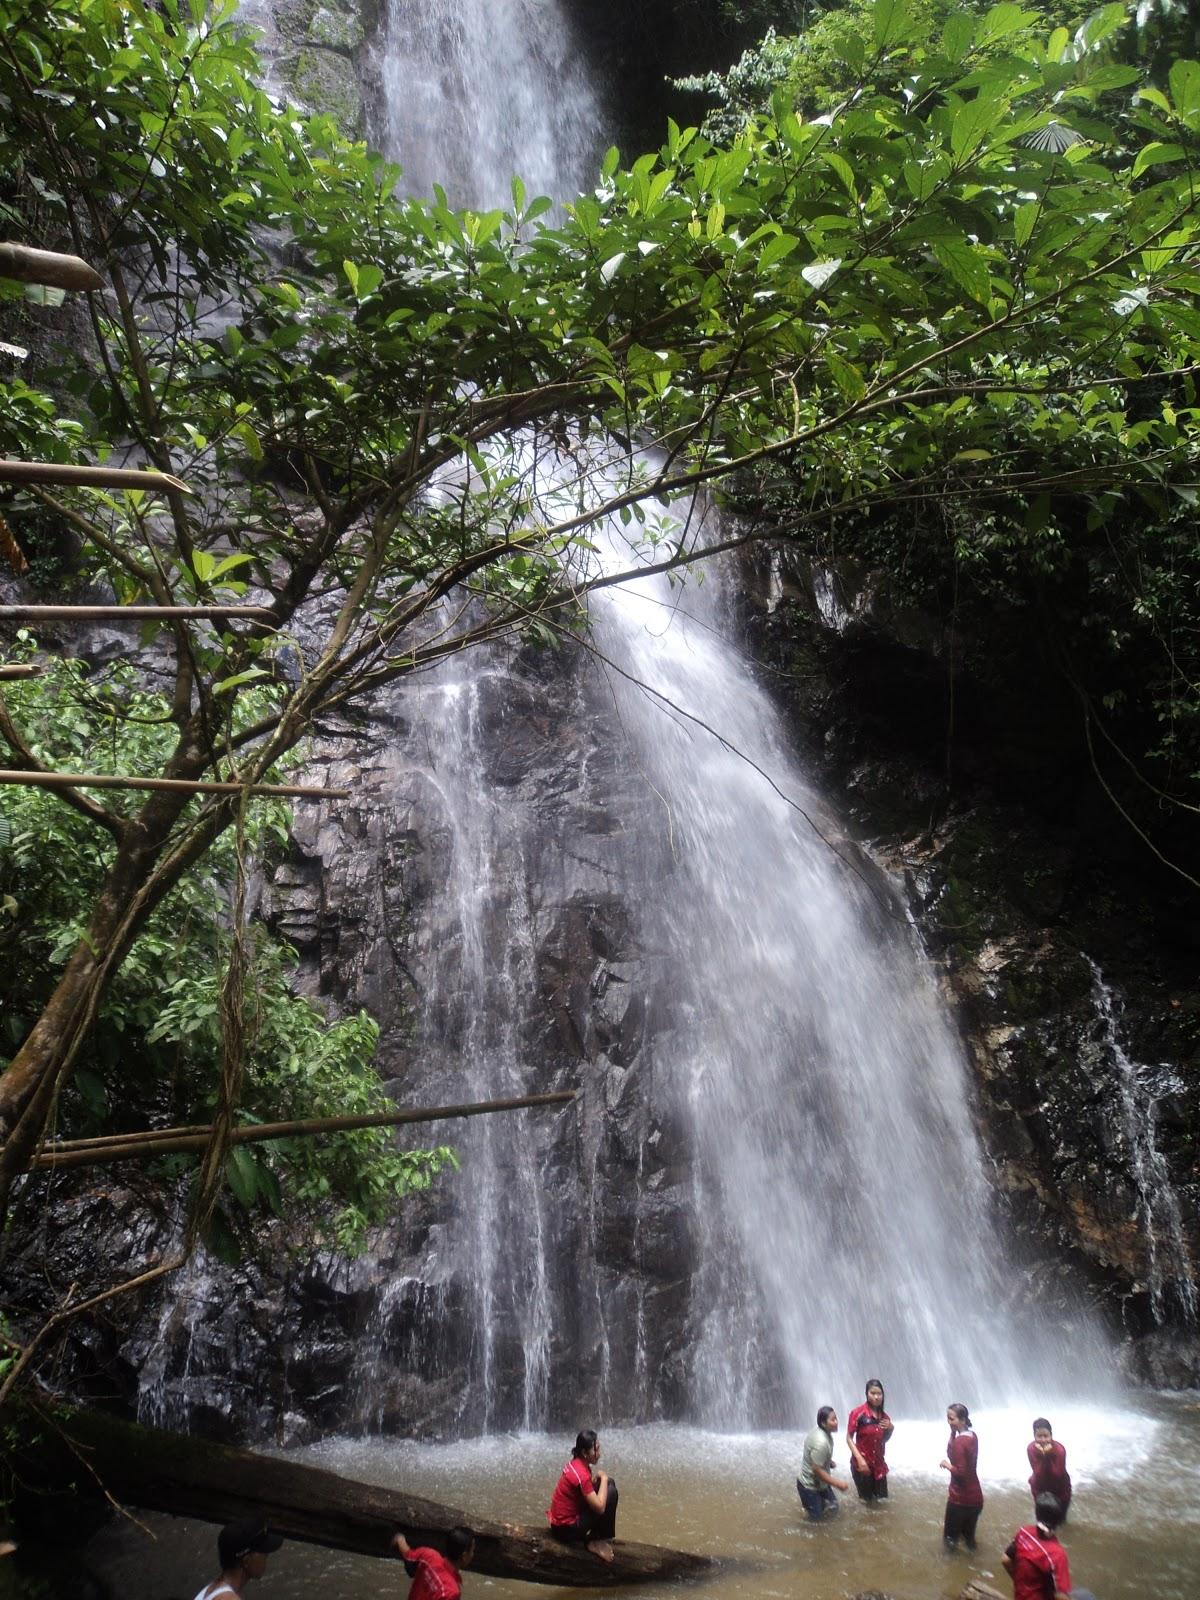 Download this Air Terjun Pelukahan... picture